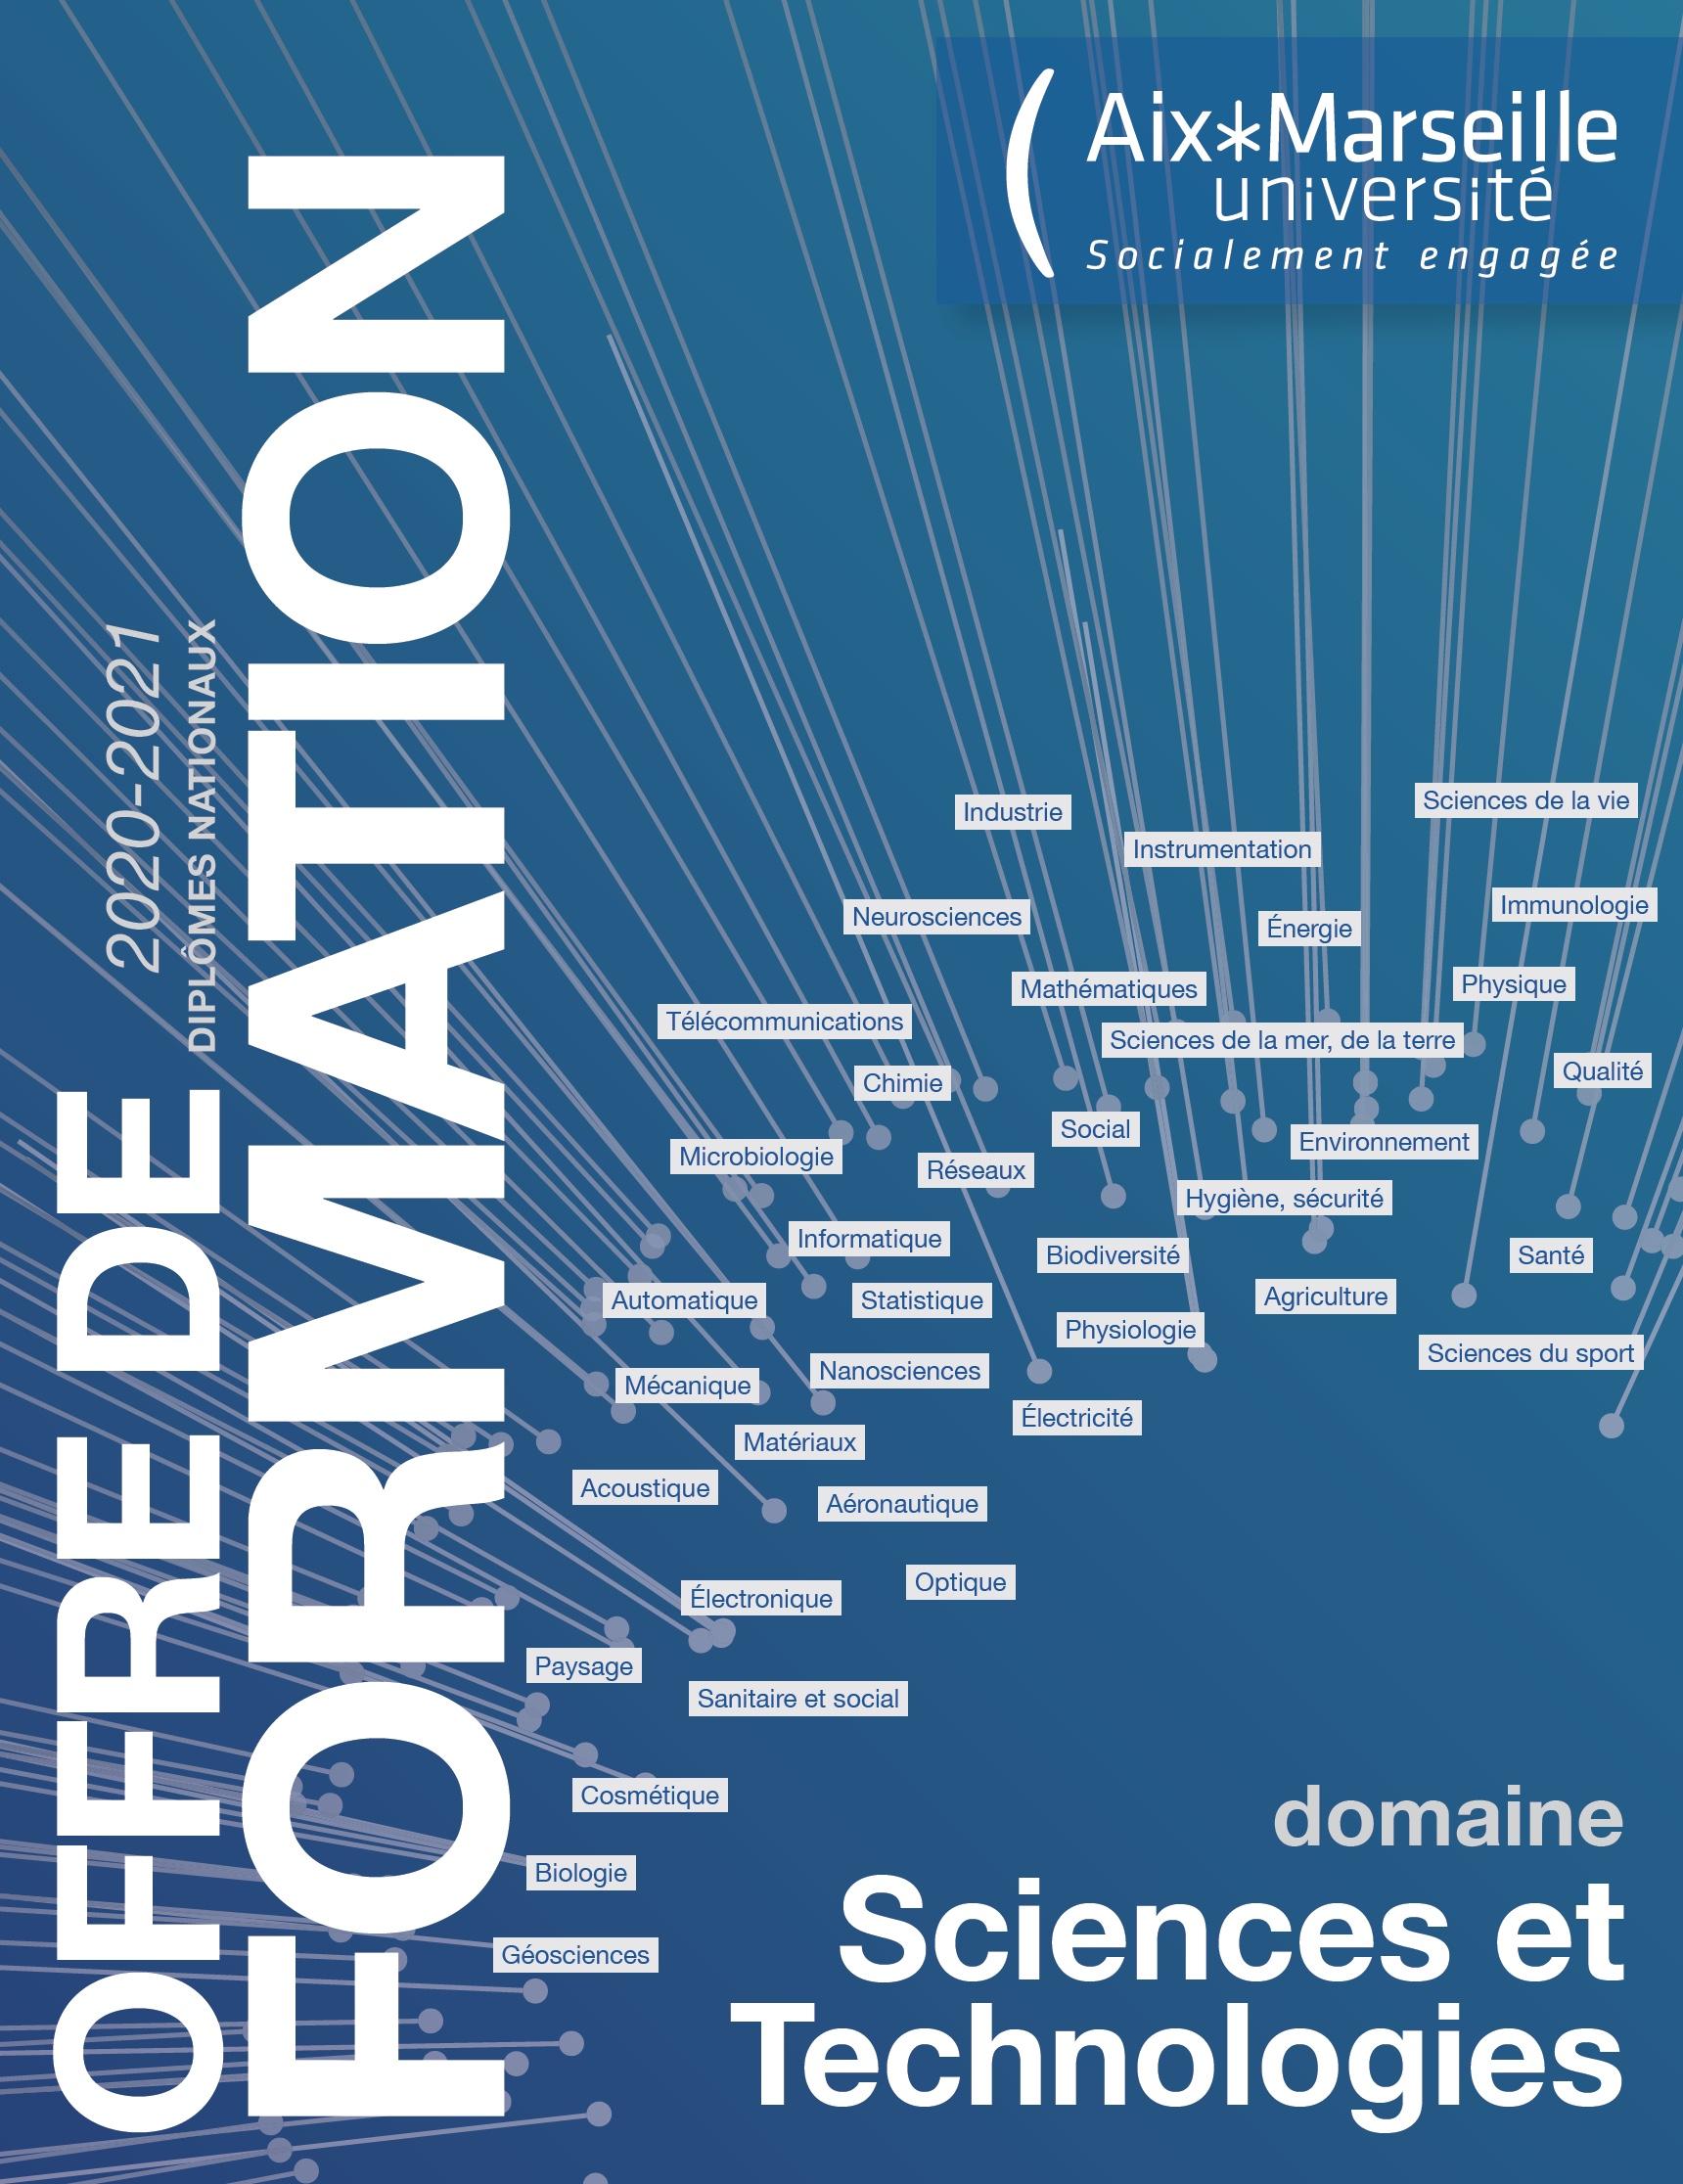 image Domaine Sciences et Technologies